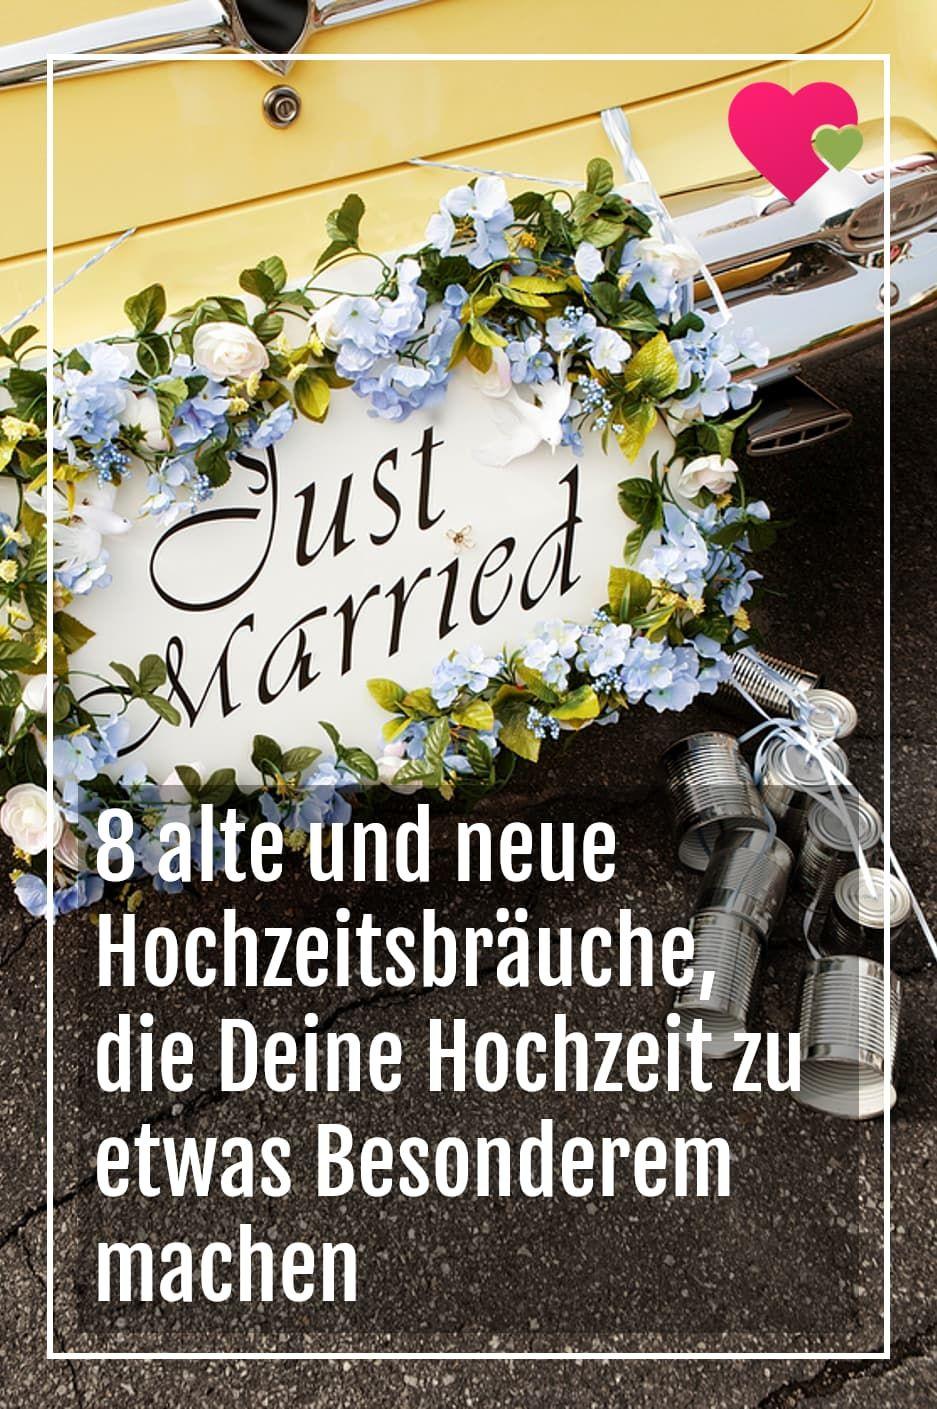 Die Schonsten Hochzeitsbrauche Hochzeit Brauche Hochzeitsbrauche Hochzeit